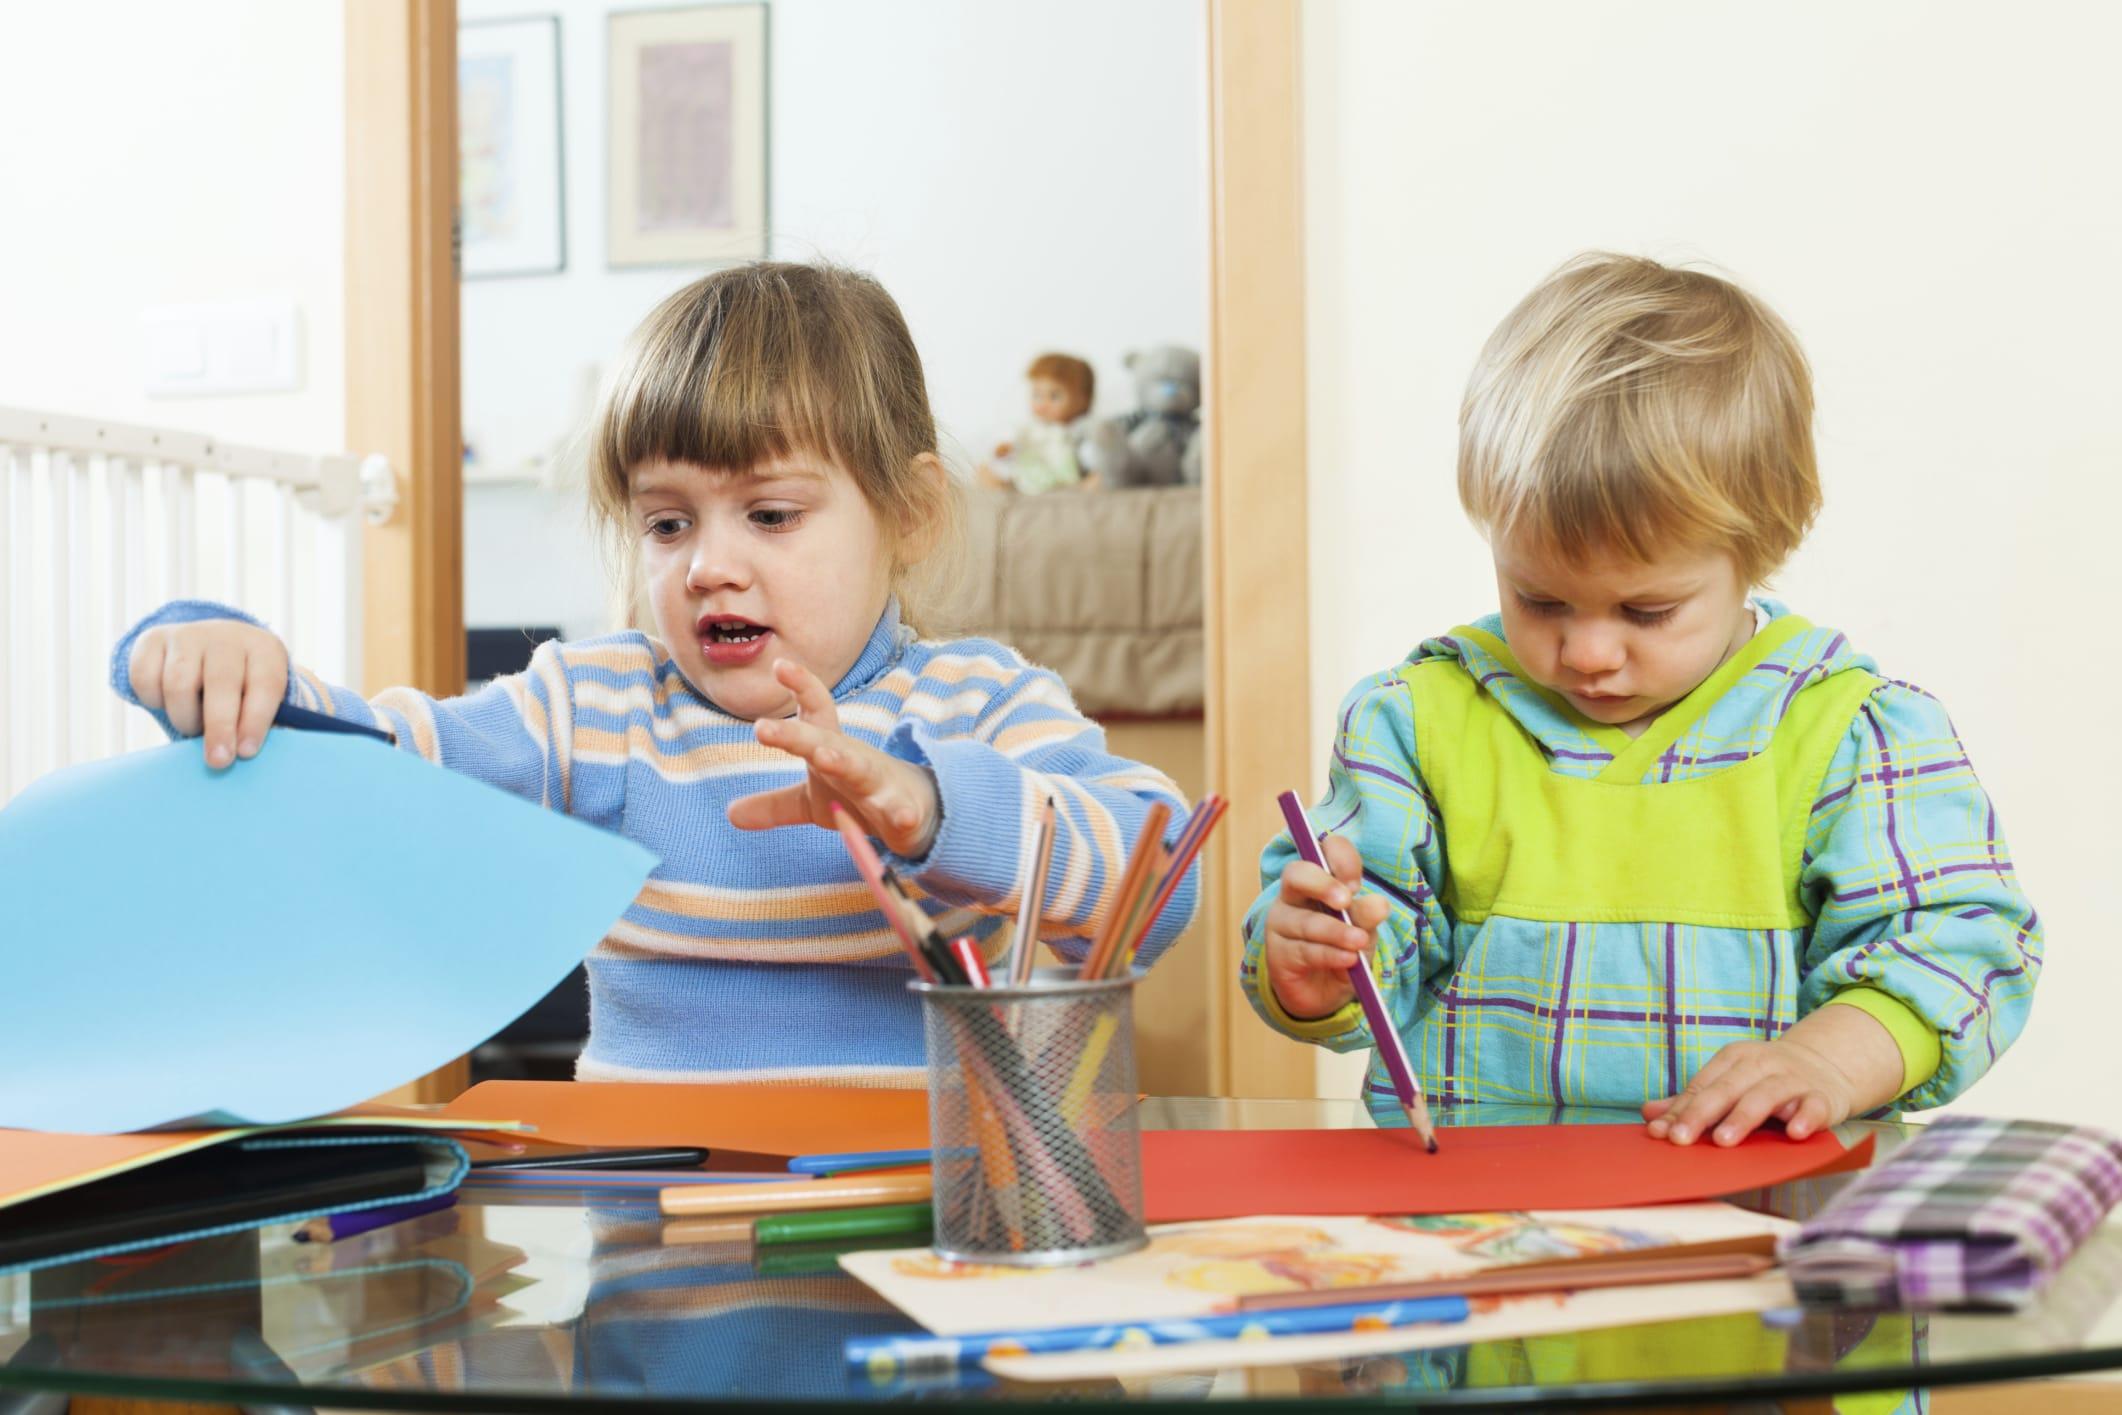 Cosa fare in casa con bimbi piccoli non sprecare - Cosa conviene per riscaldare casa ...